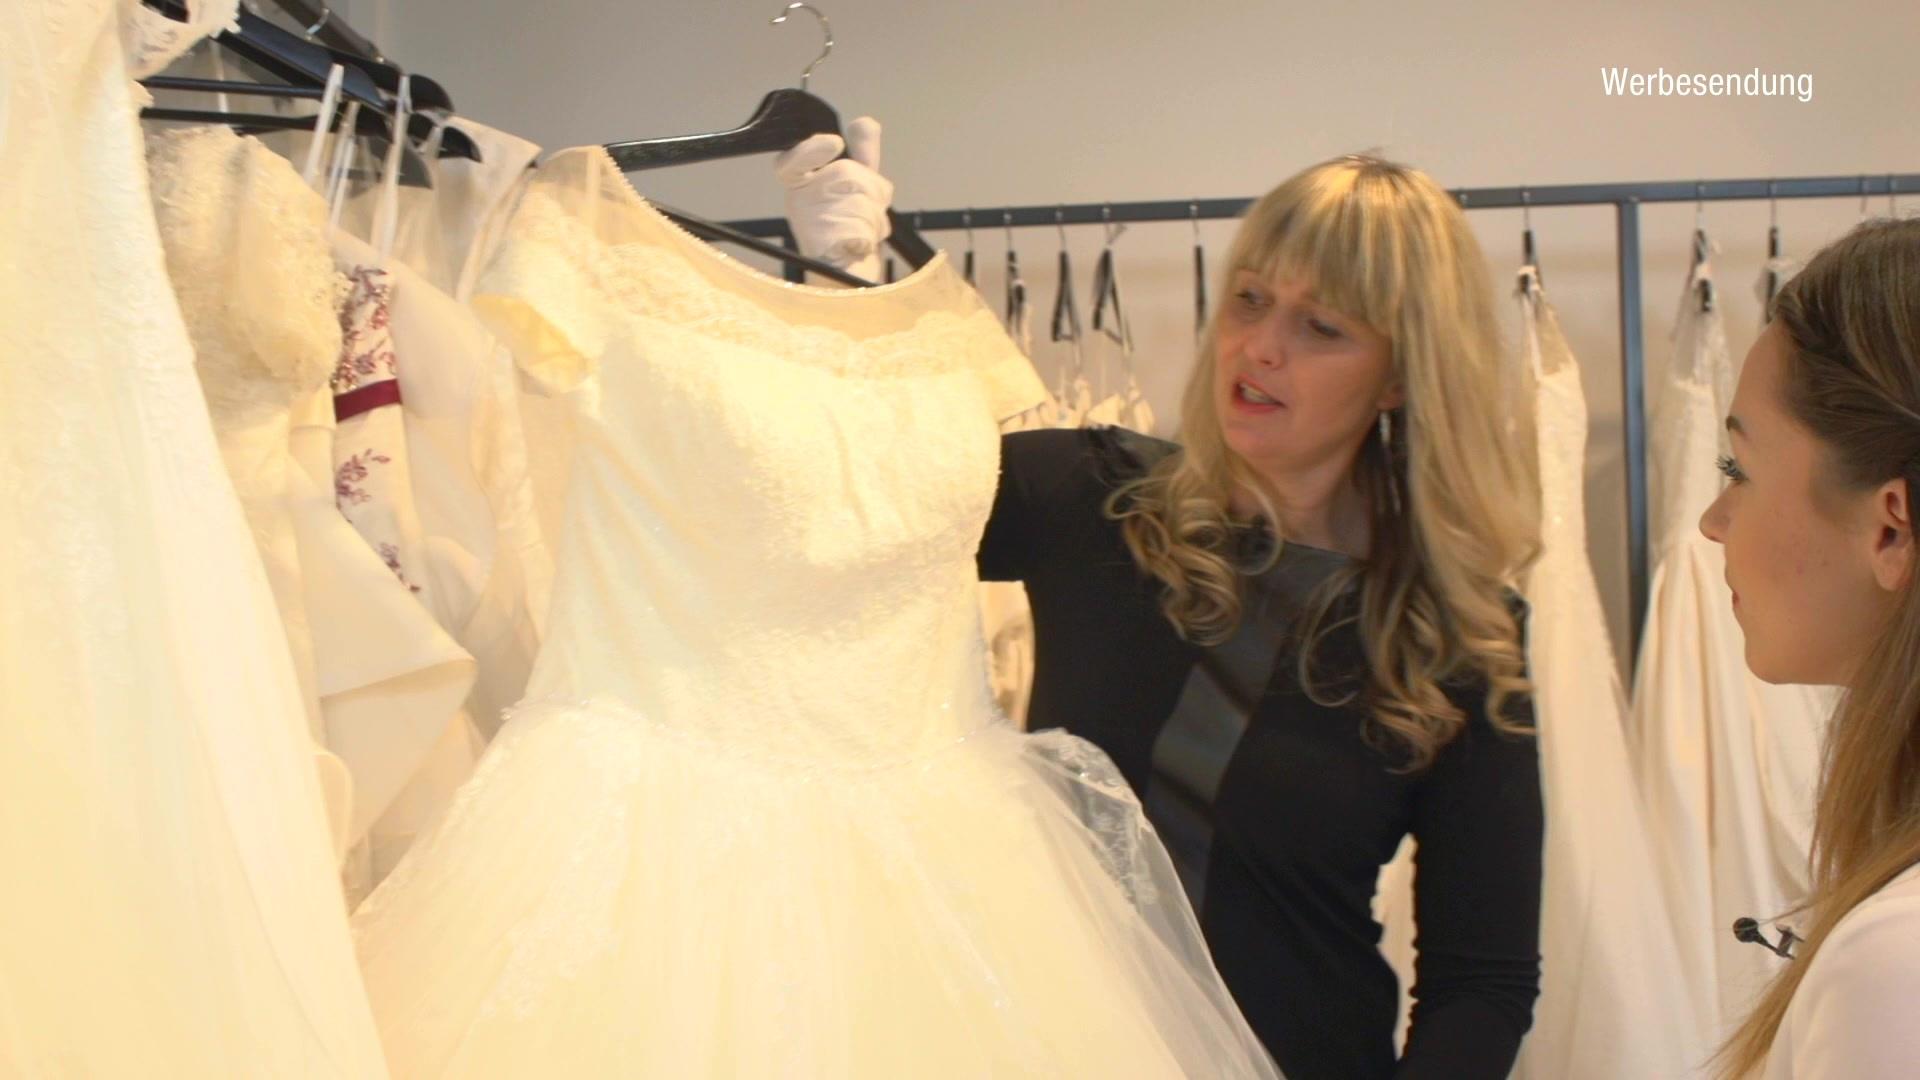 Gemütlich Empfang Brautkleid Bilder - Hochzeit Kleid Stile Ideen ...